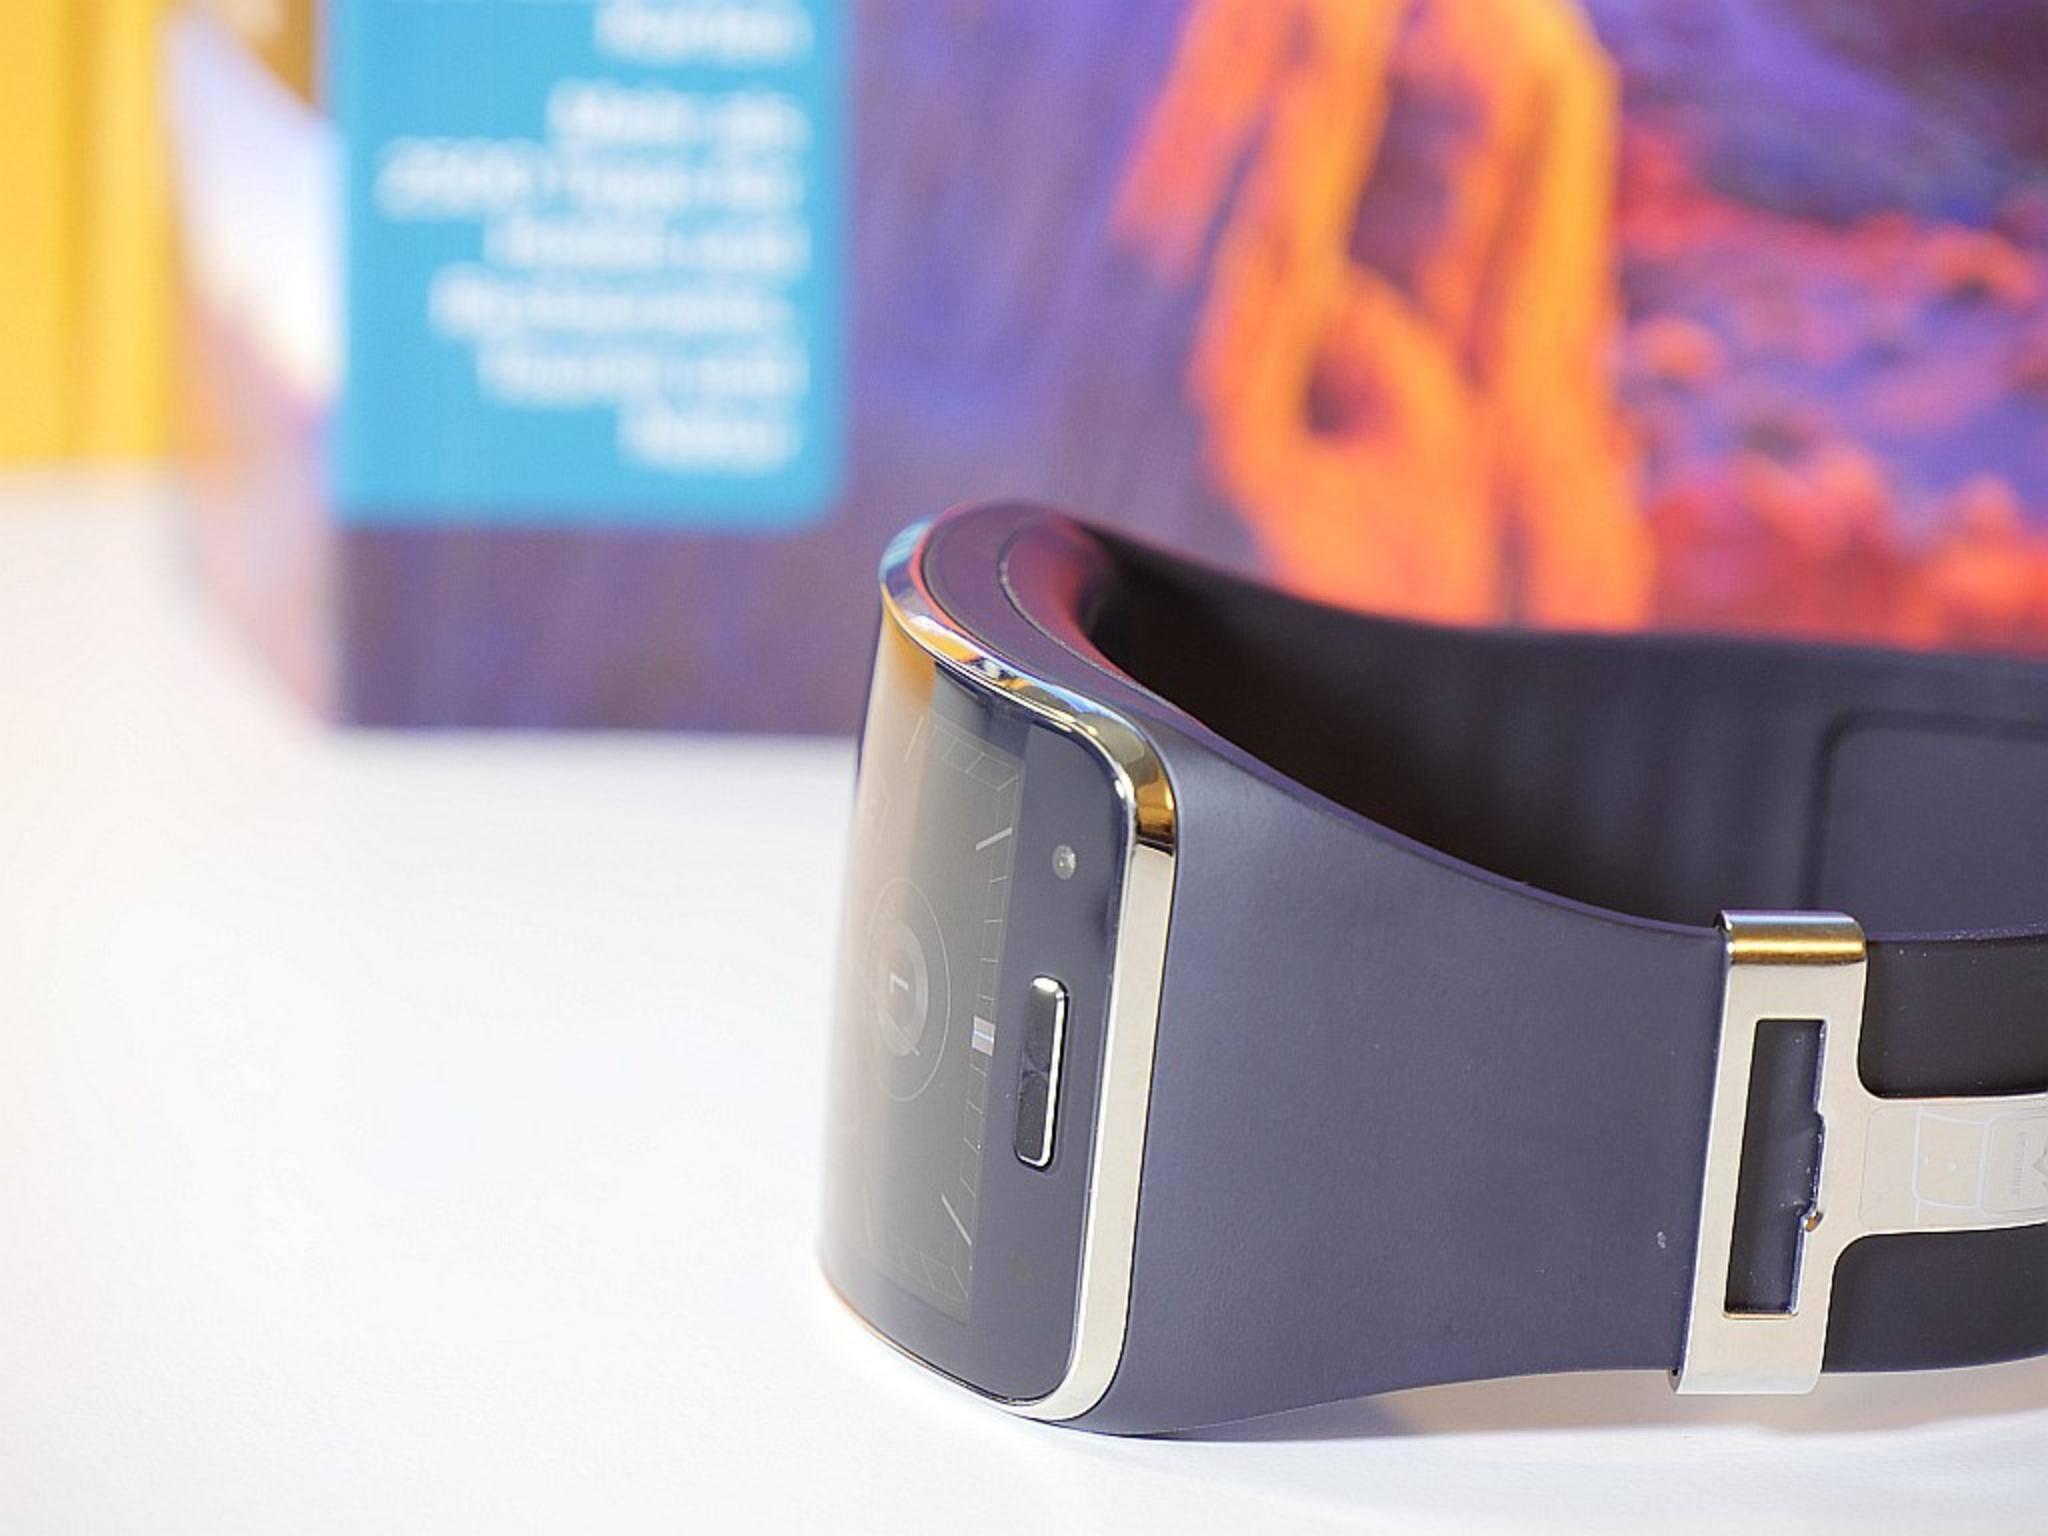 Steckt viel Technik drin: Das Curved-Gehäuse der Uhr fällt dick aus.